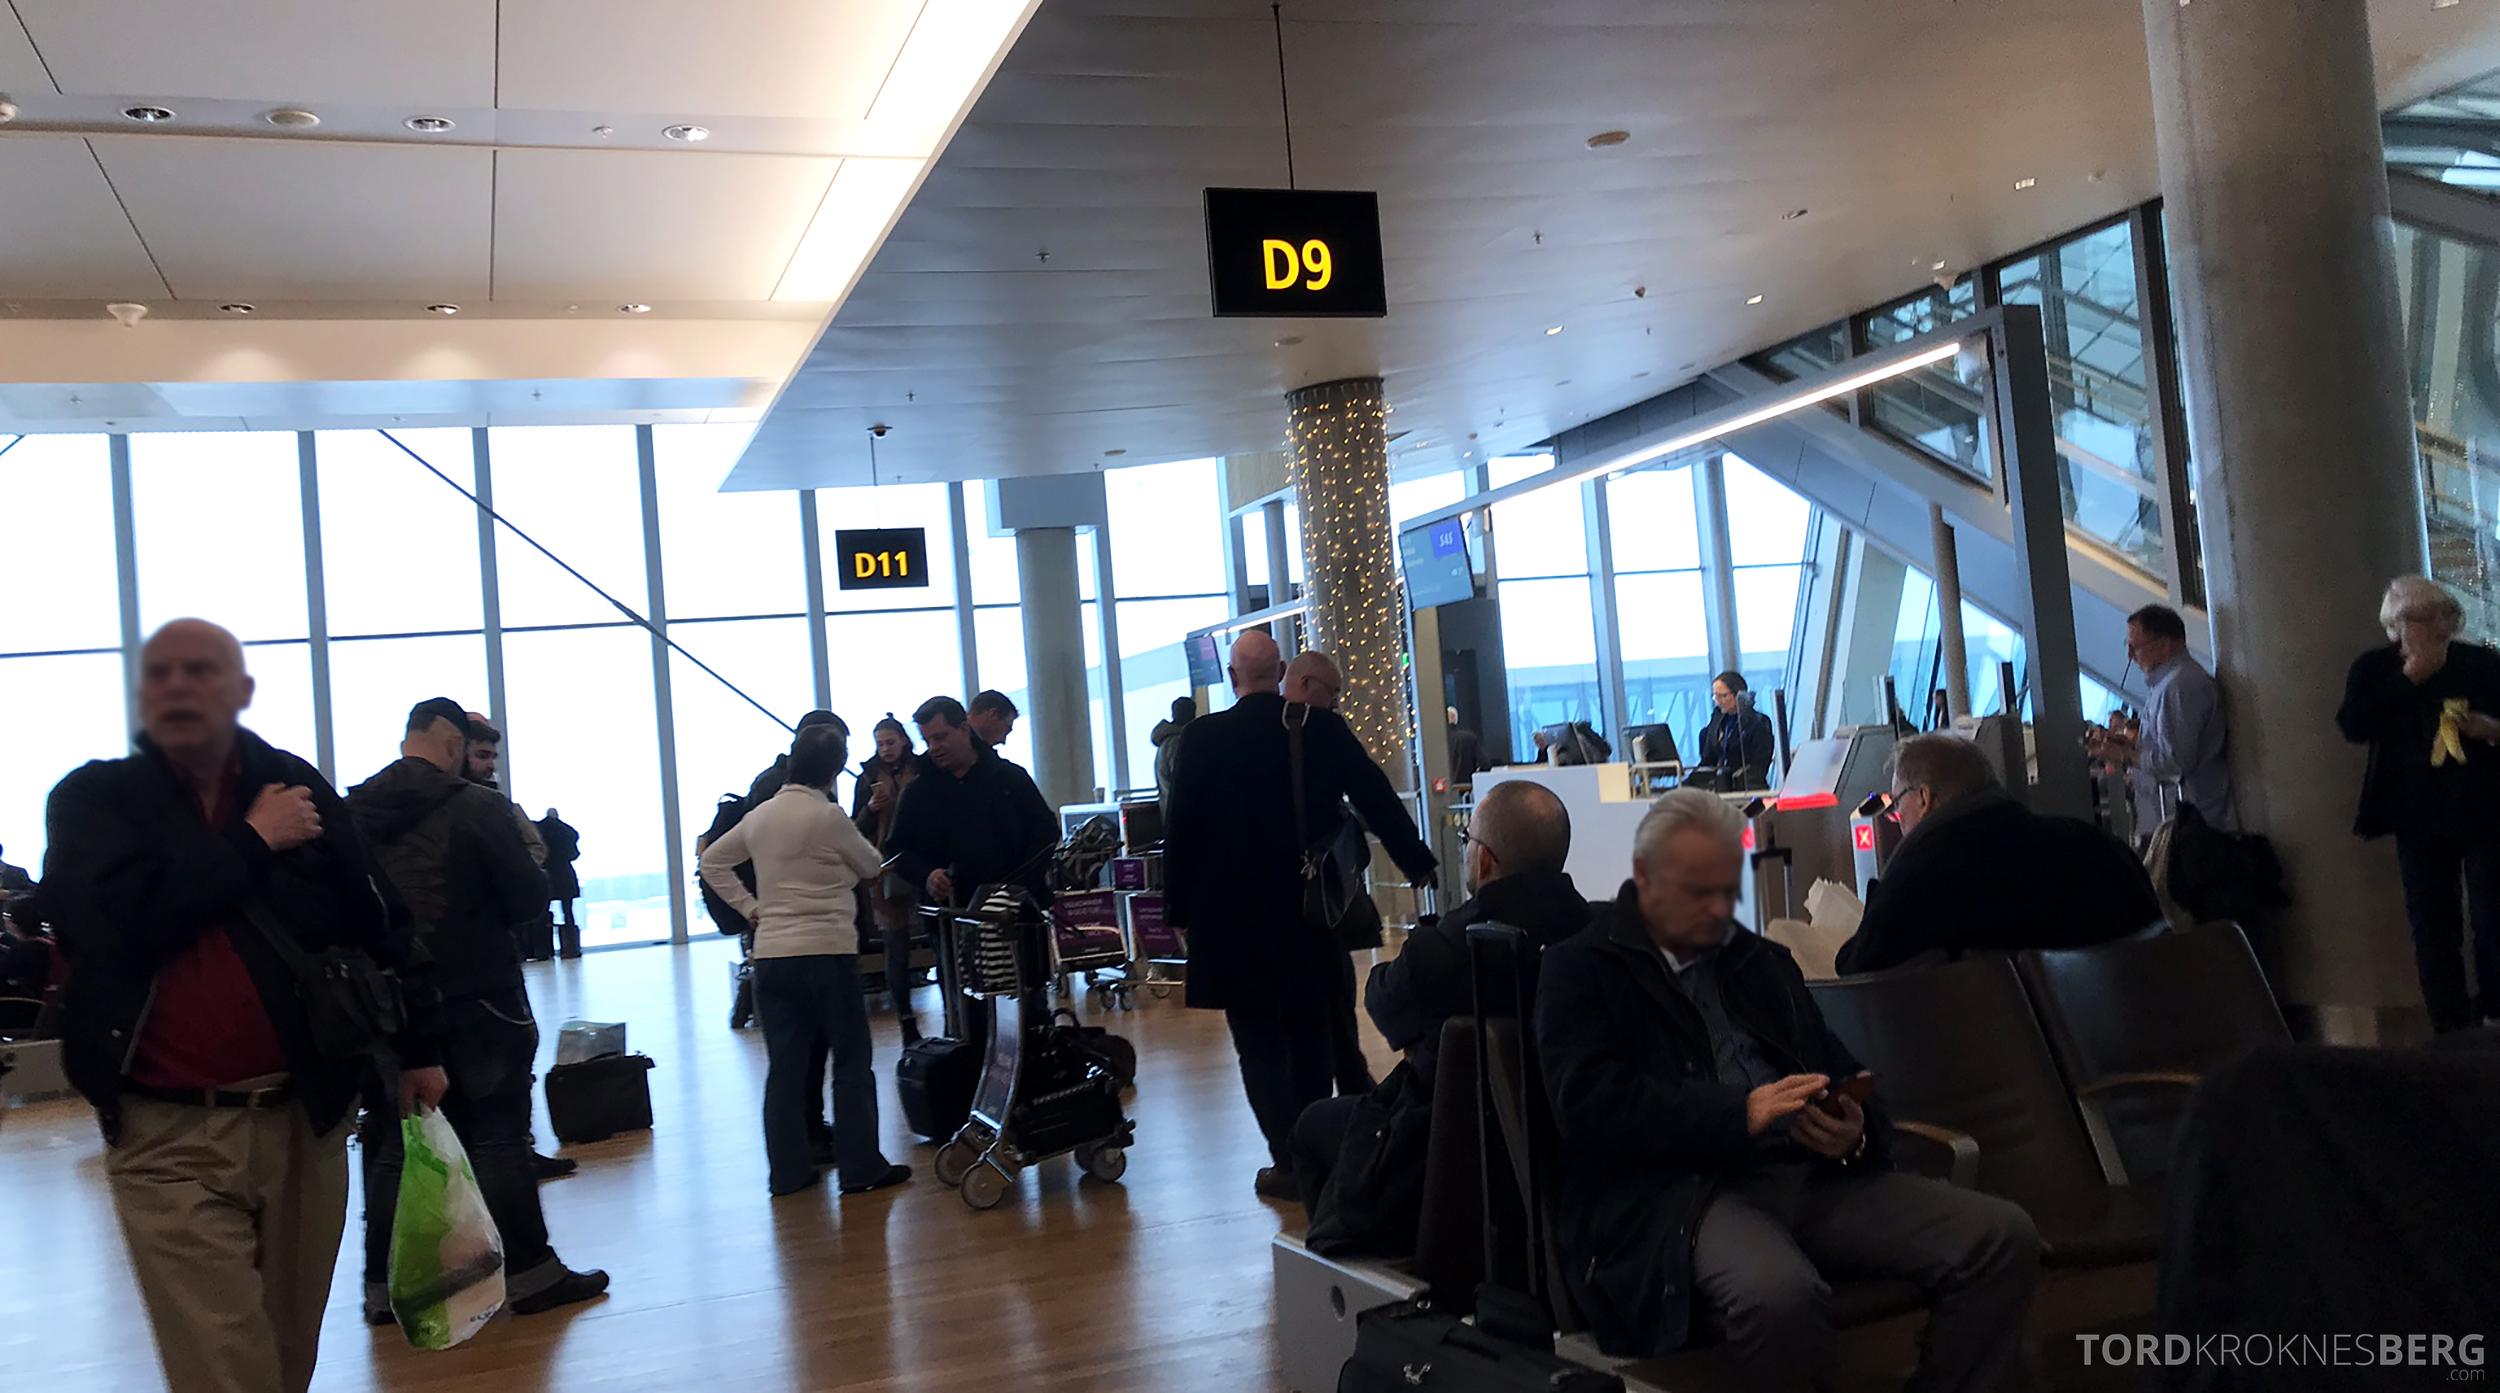 SAS Plus Oslo Stockholm gate